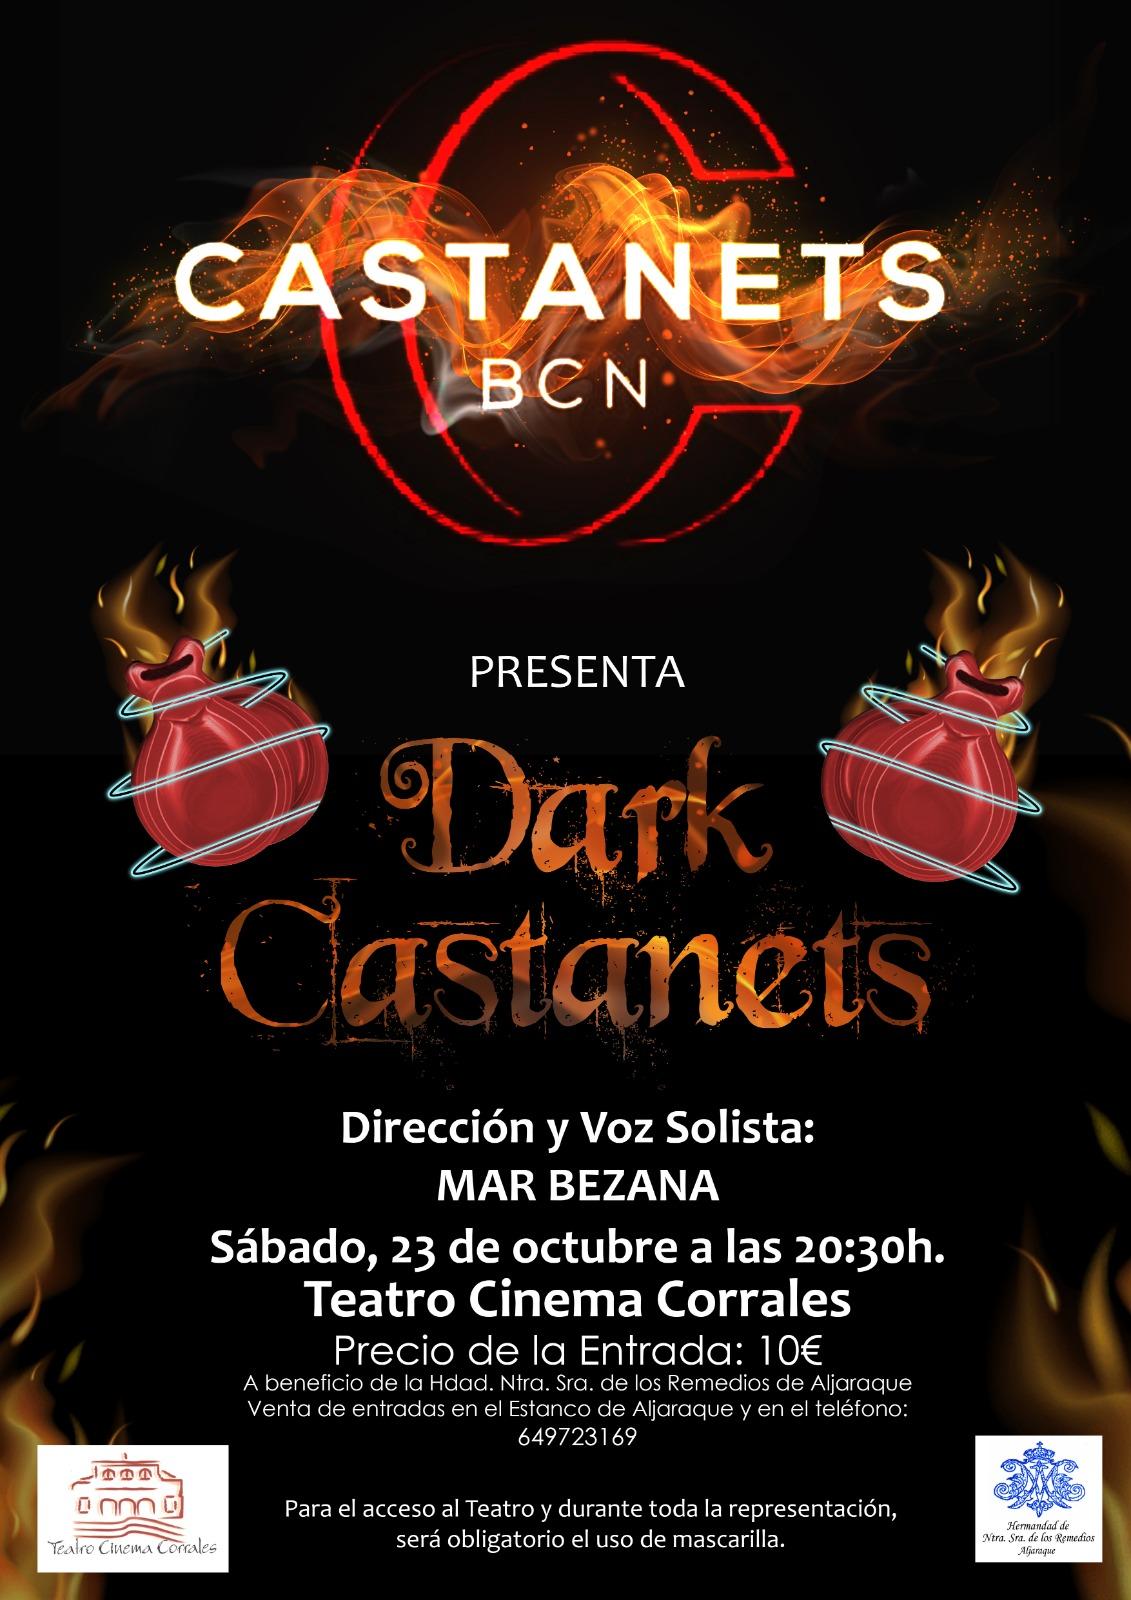 CASTANETS BCN 23 de octubre en Aljaraque